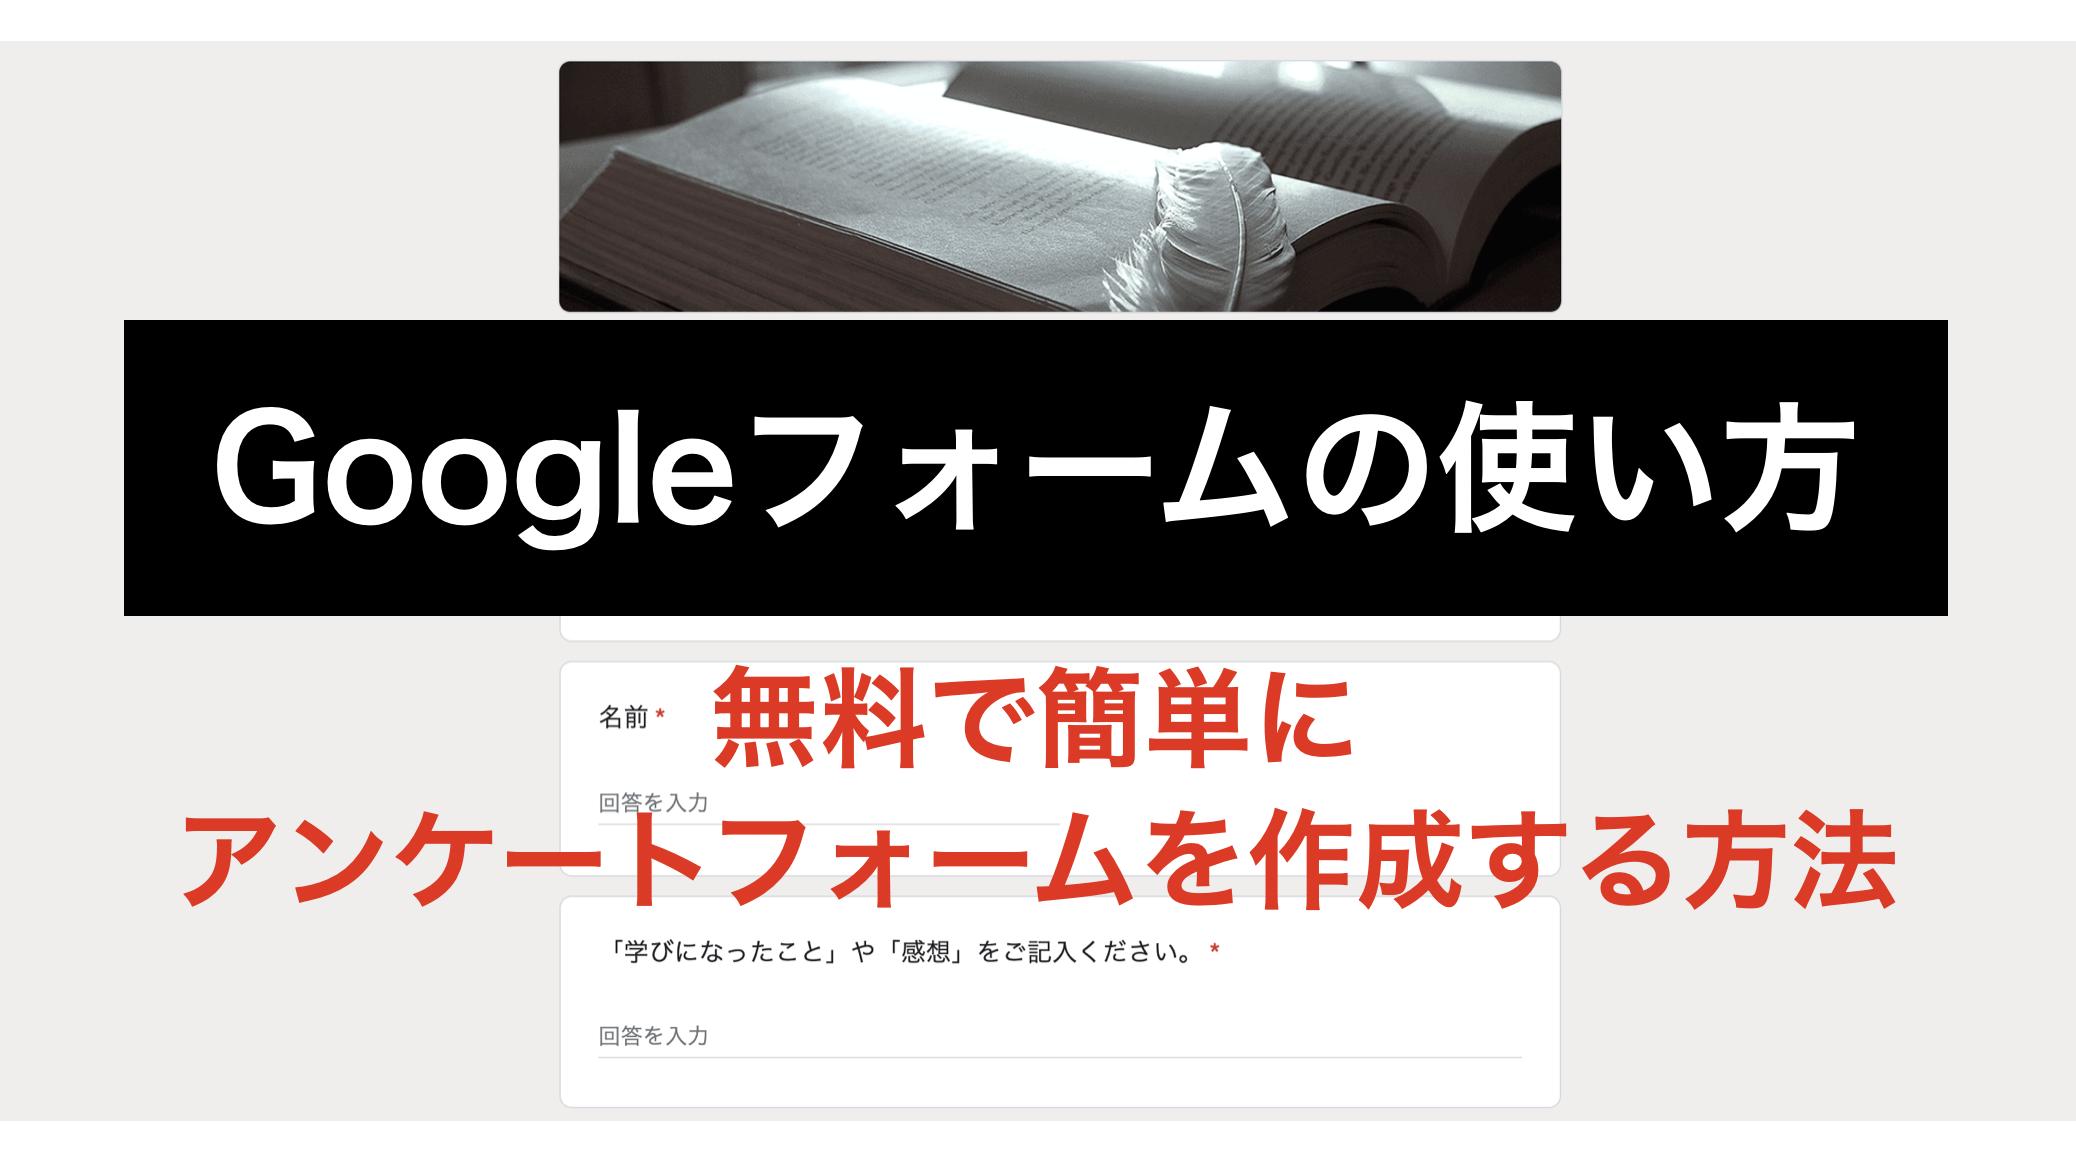 フォーム 使い方 google